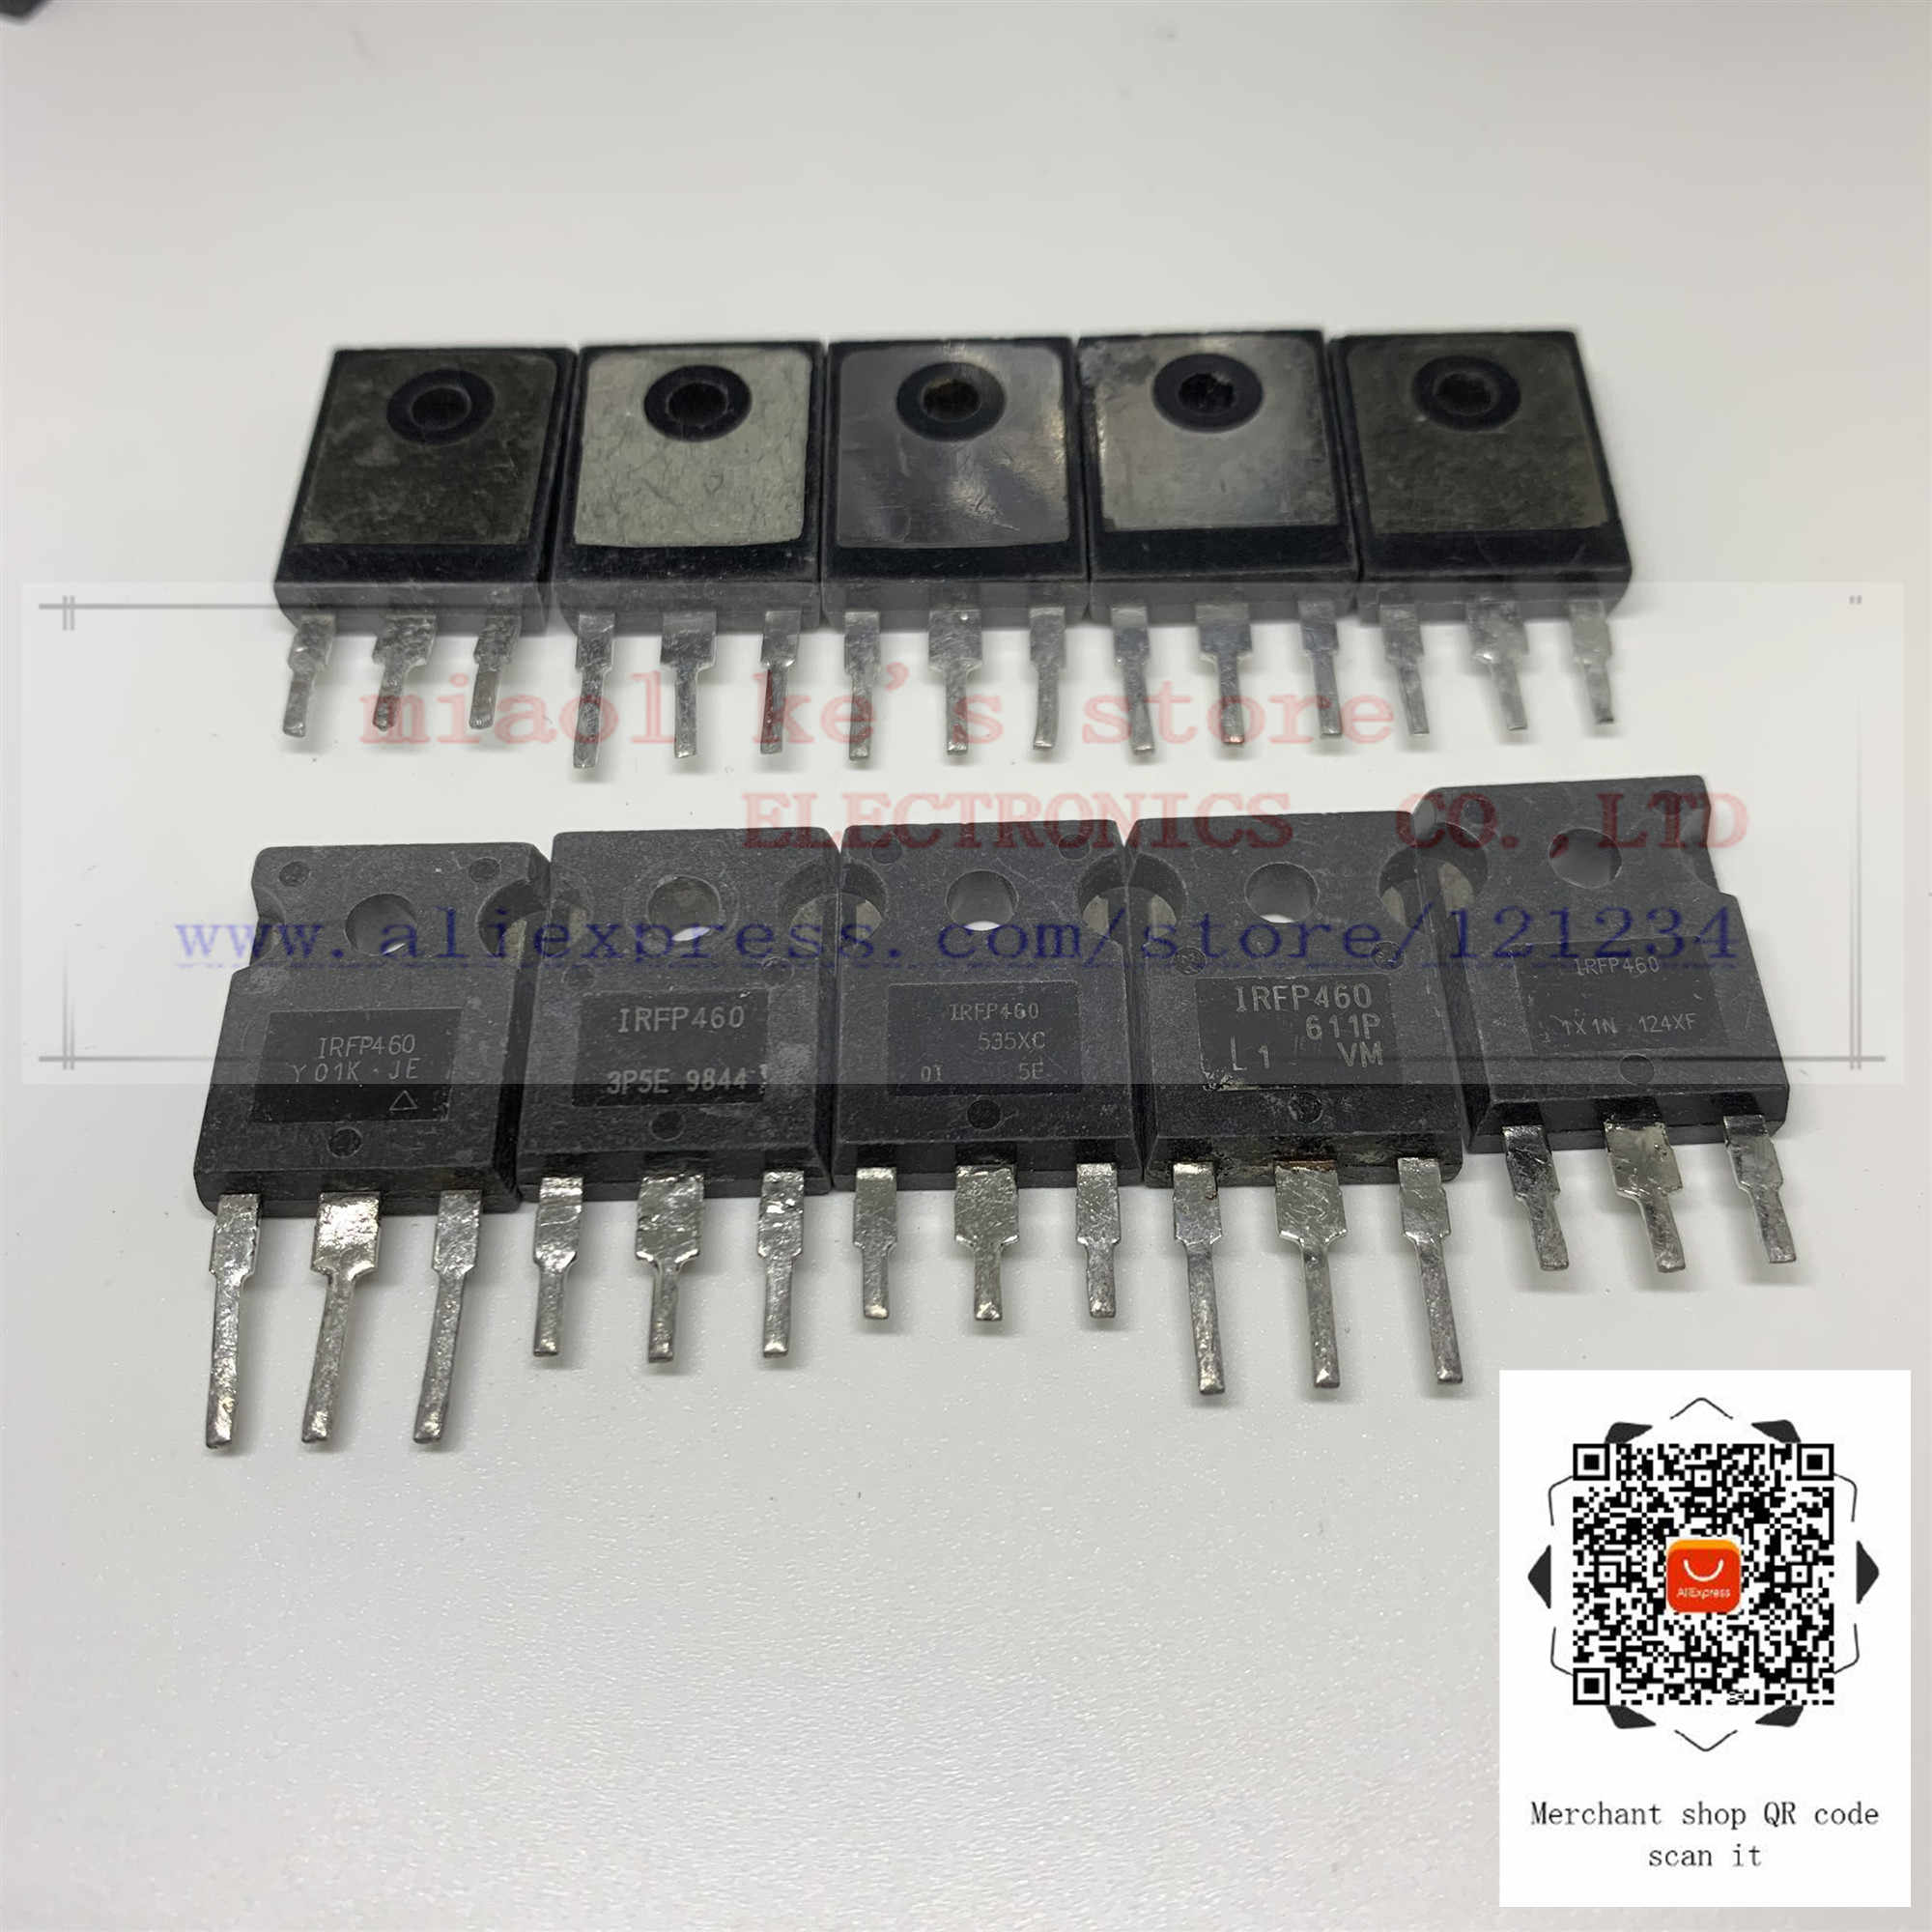 [5 個〜 10 個] 100% オリジナル; IRFP460 IRFP460N IRFP460NPBF [中古品] シースルー穴 MOSFET N-CH pval (2068) 500V 20A 280 ワット-247-3